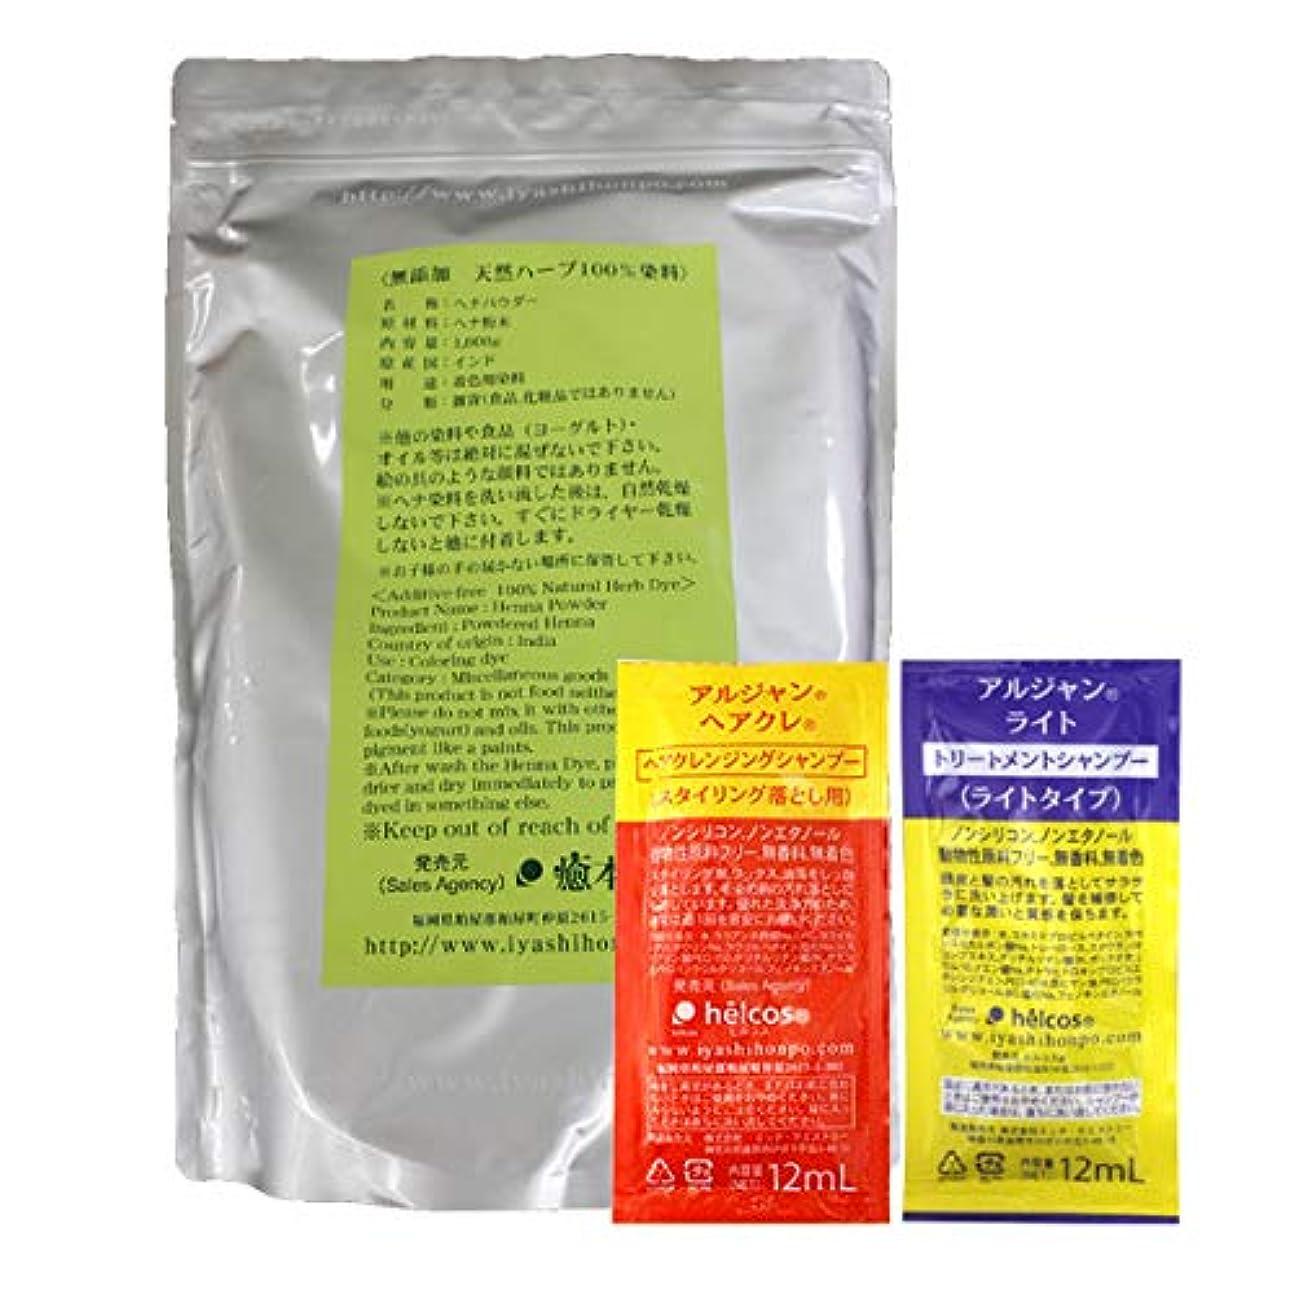 わざわざ愛情偏心白髪染め ヘナ(天然染料100%) 1,000g + シャンプー2種セット 癒本舗(ブラウン)